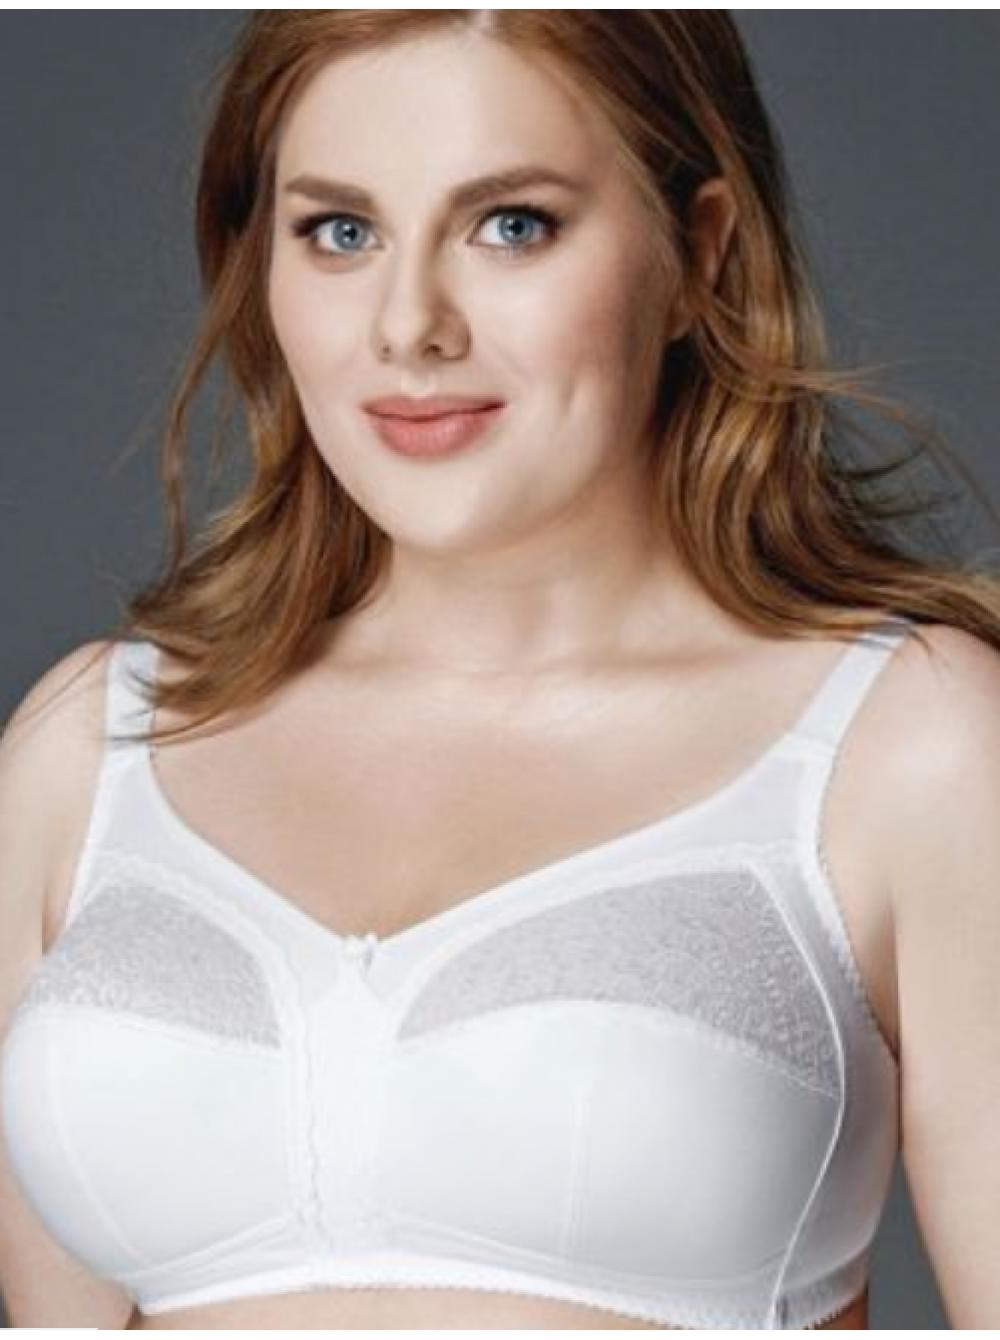 Нижнее белье женское интернет магазин недорого милавица купить комплекты женского белья с поясом